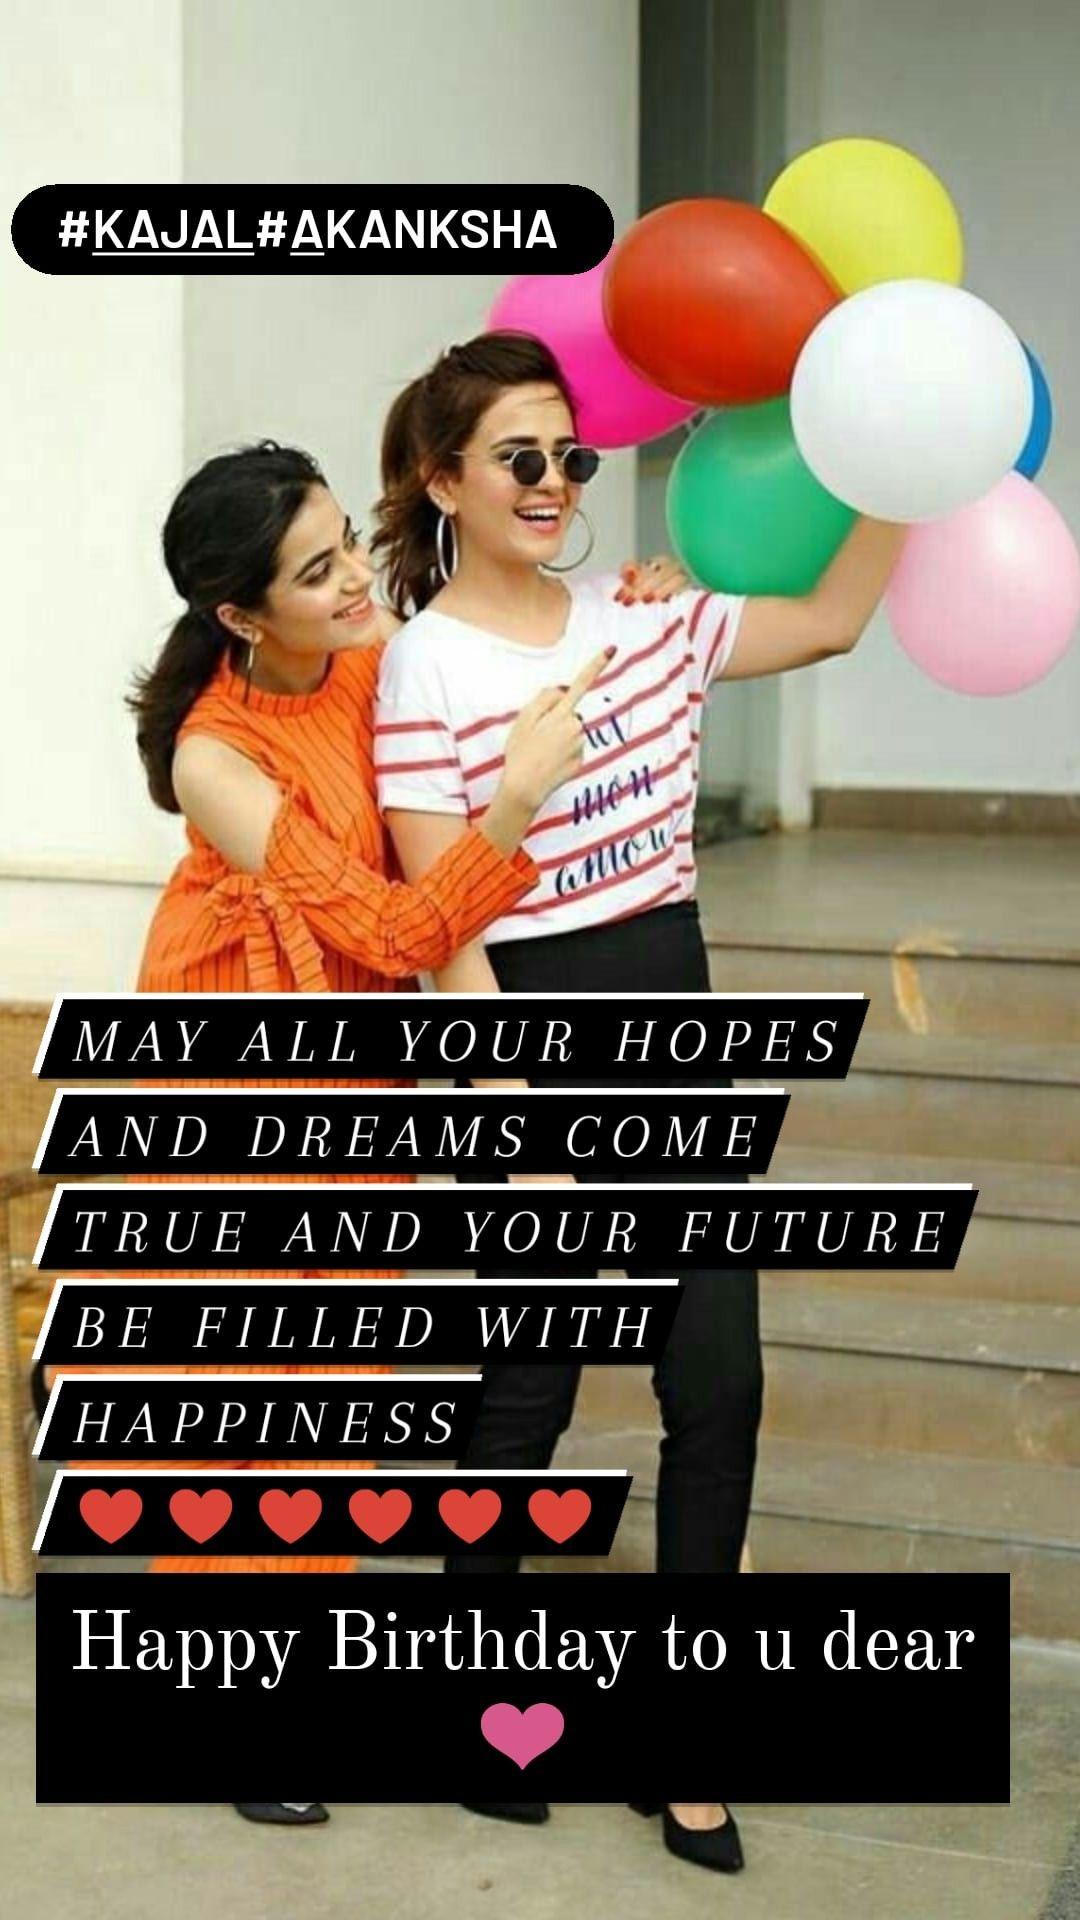 Happiest Birthday To You My Dear Friend Happy Birthday To You Happy My Dear Friend